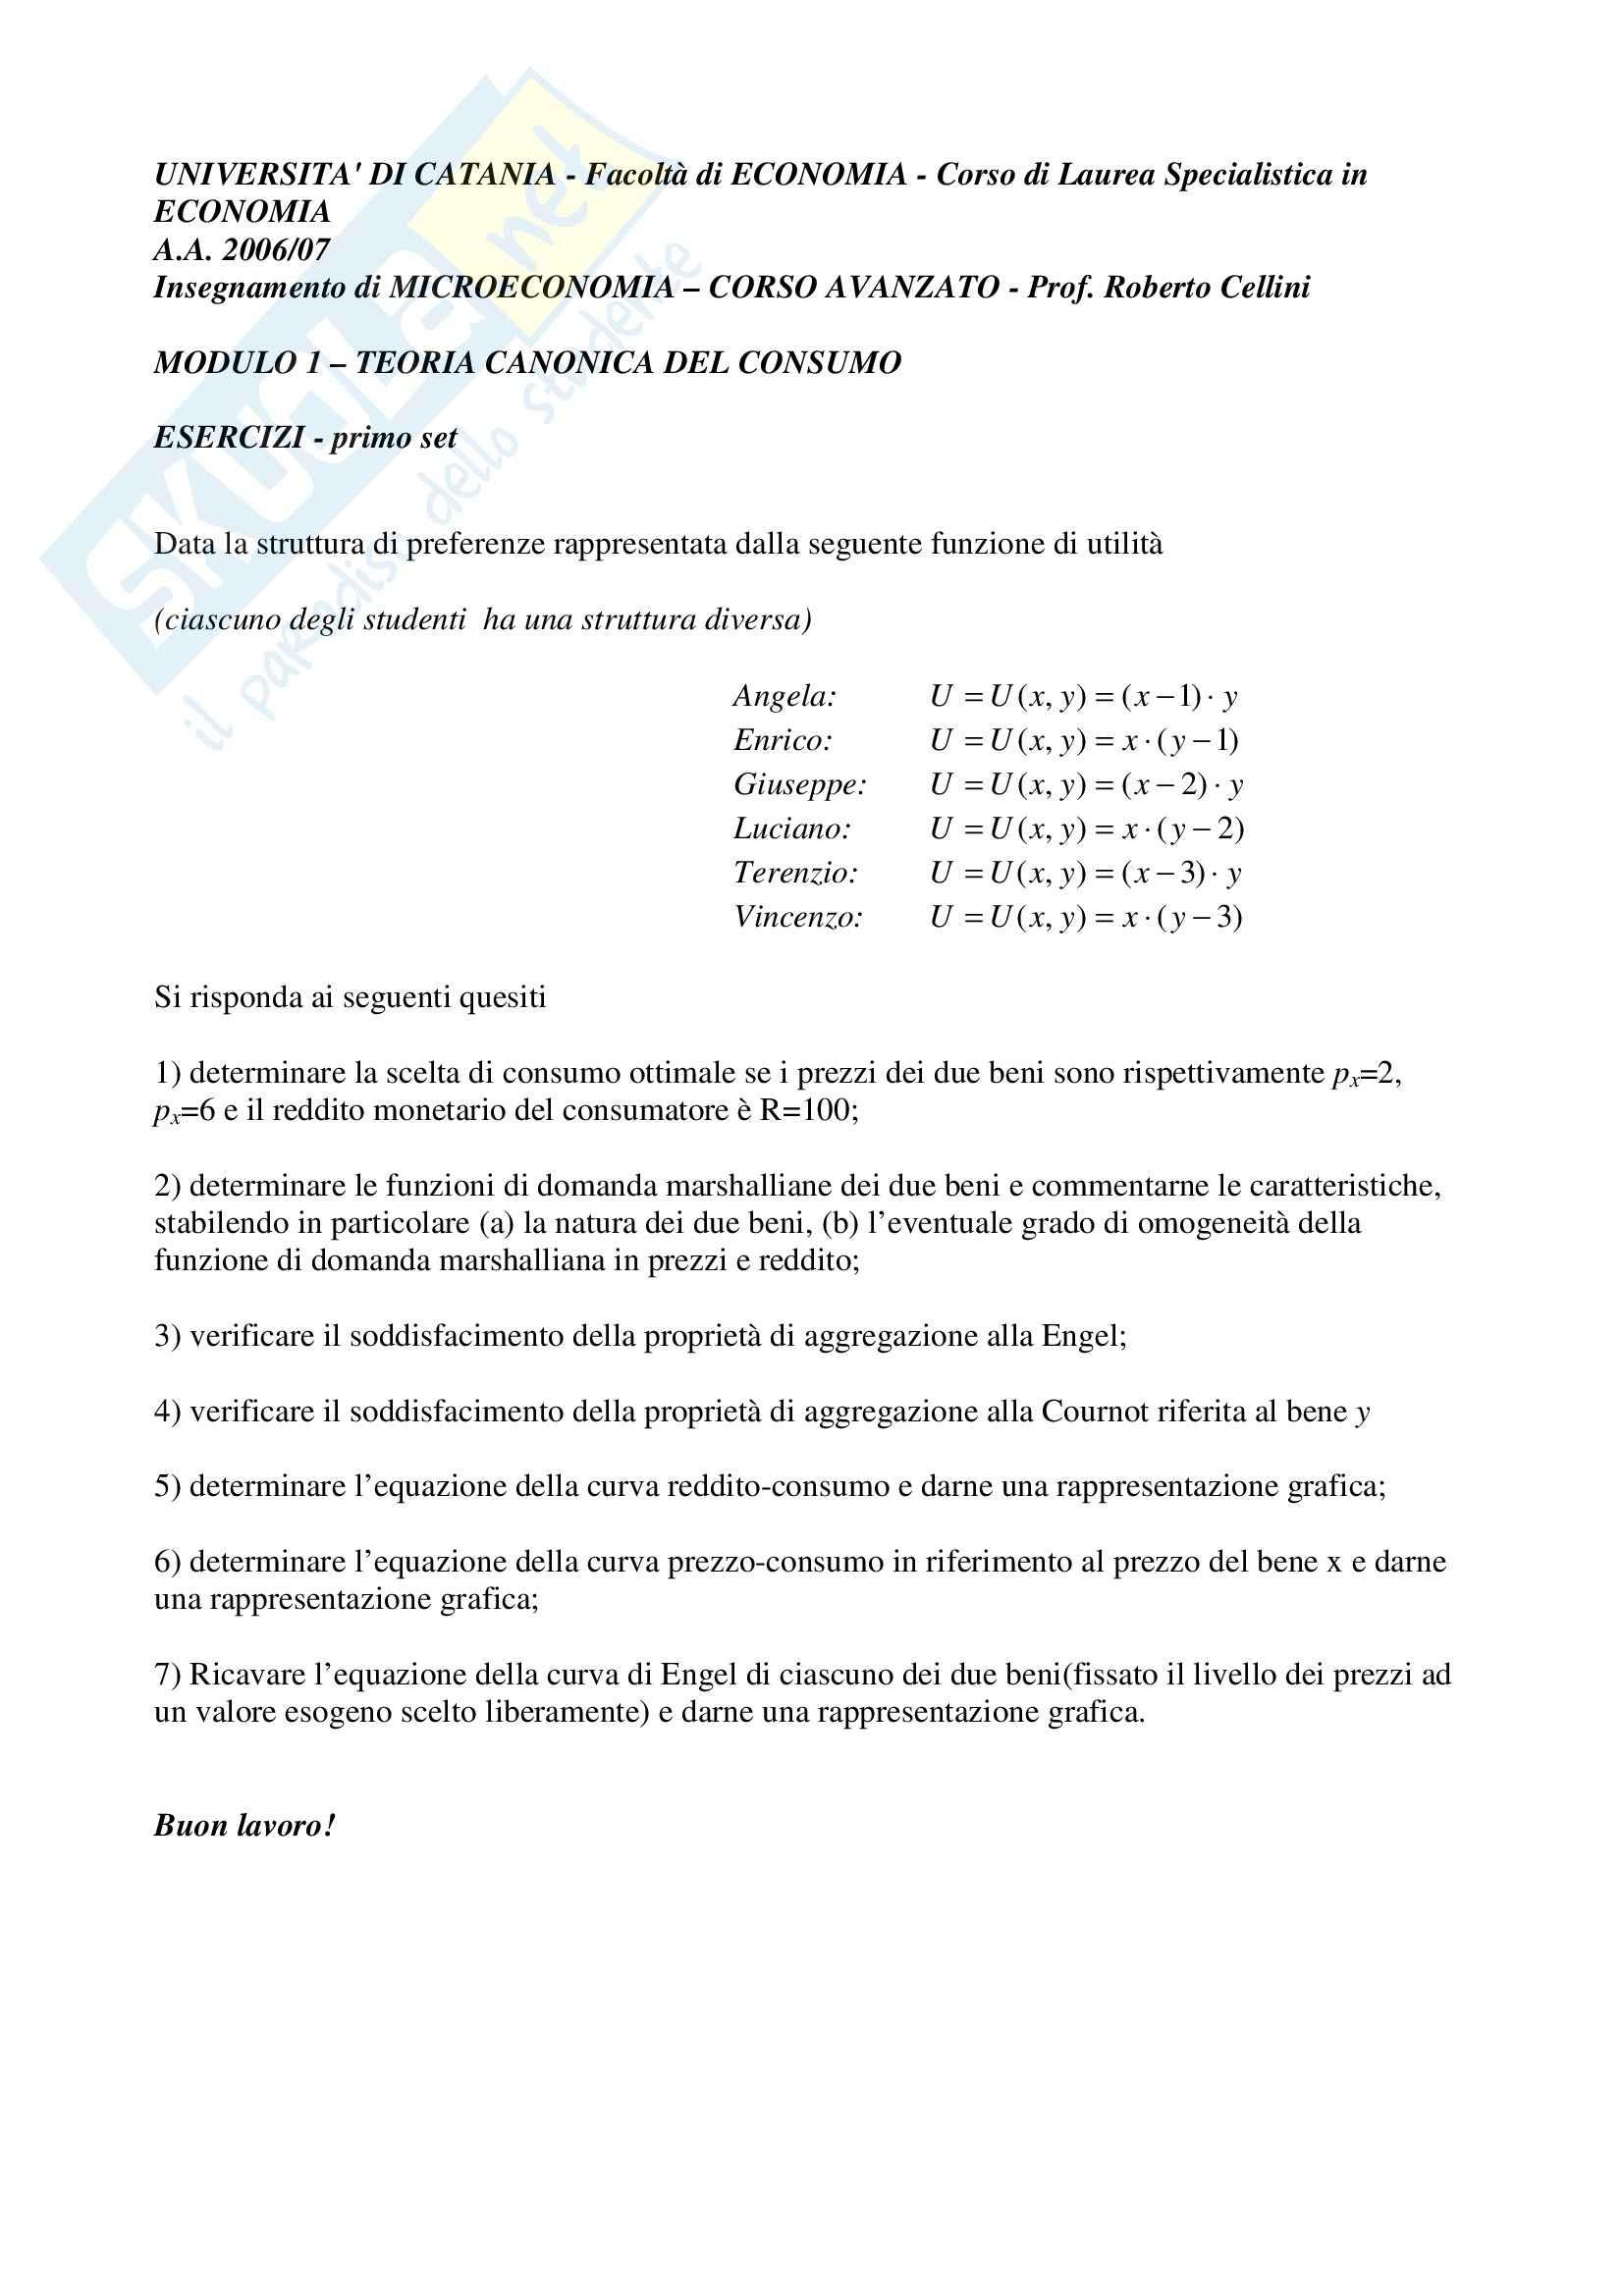 esercitazione R. Cellini Microeconomia